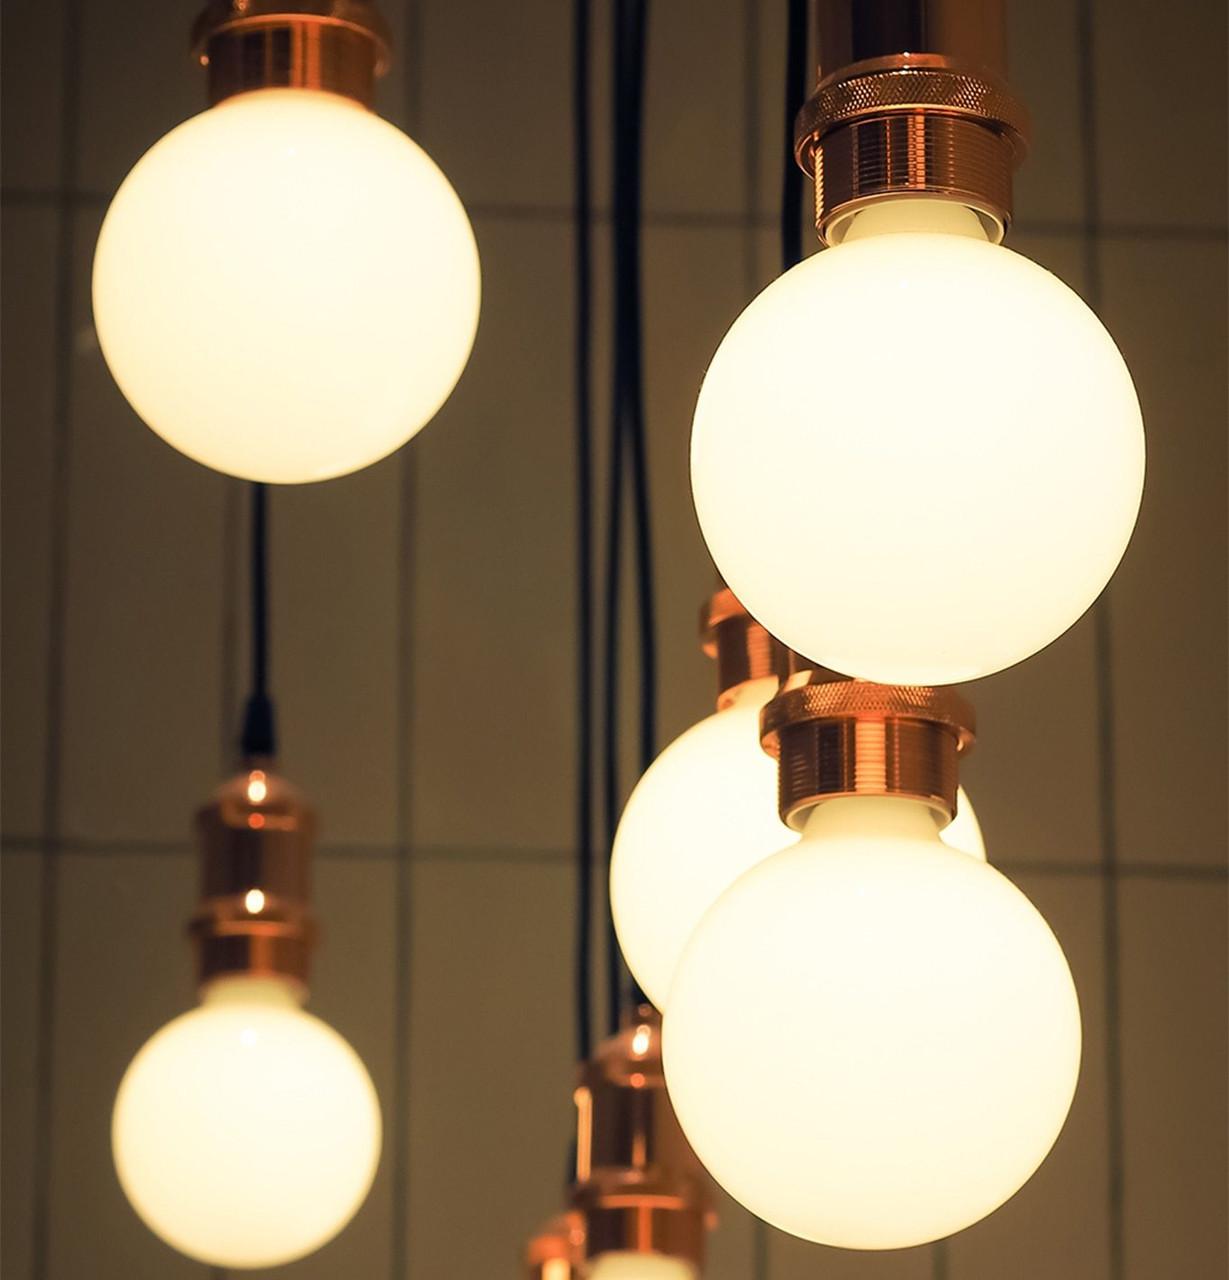 LED Dimmable G125 BC-B22d Light Bulbs